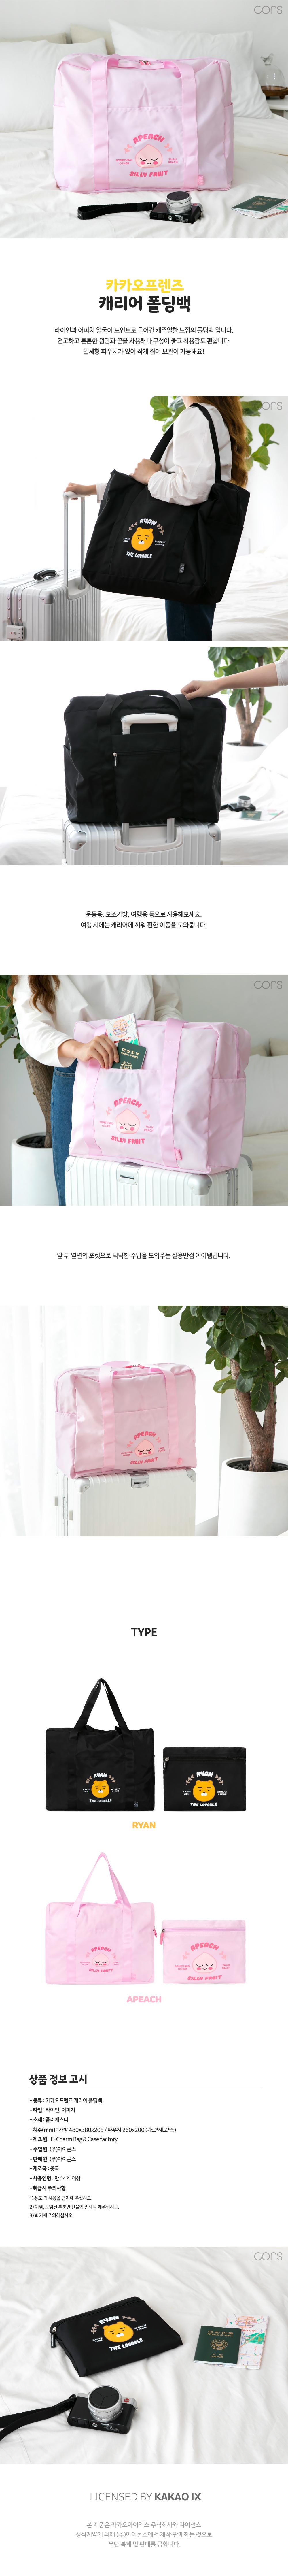 [Kakao Friends] Carrier folding Bag-holiholic.com